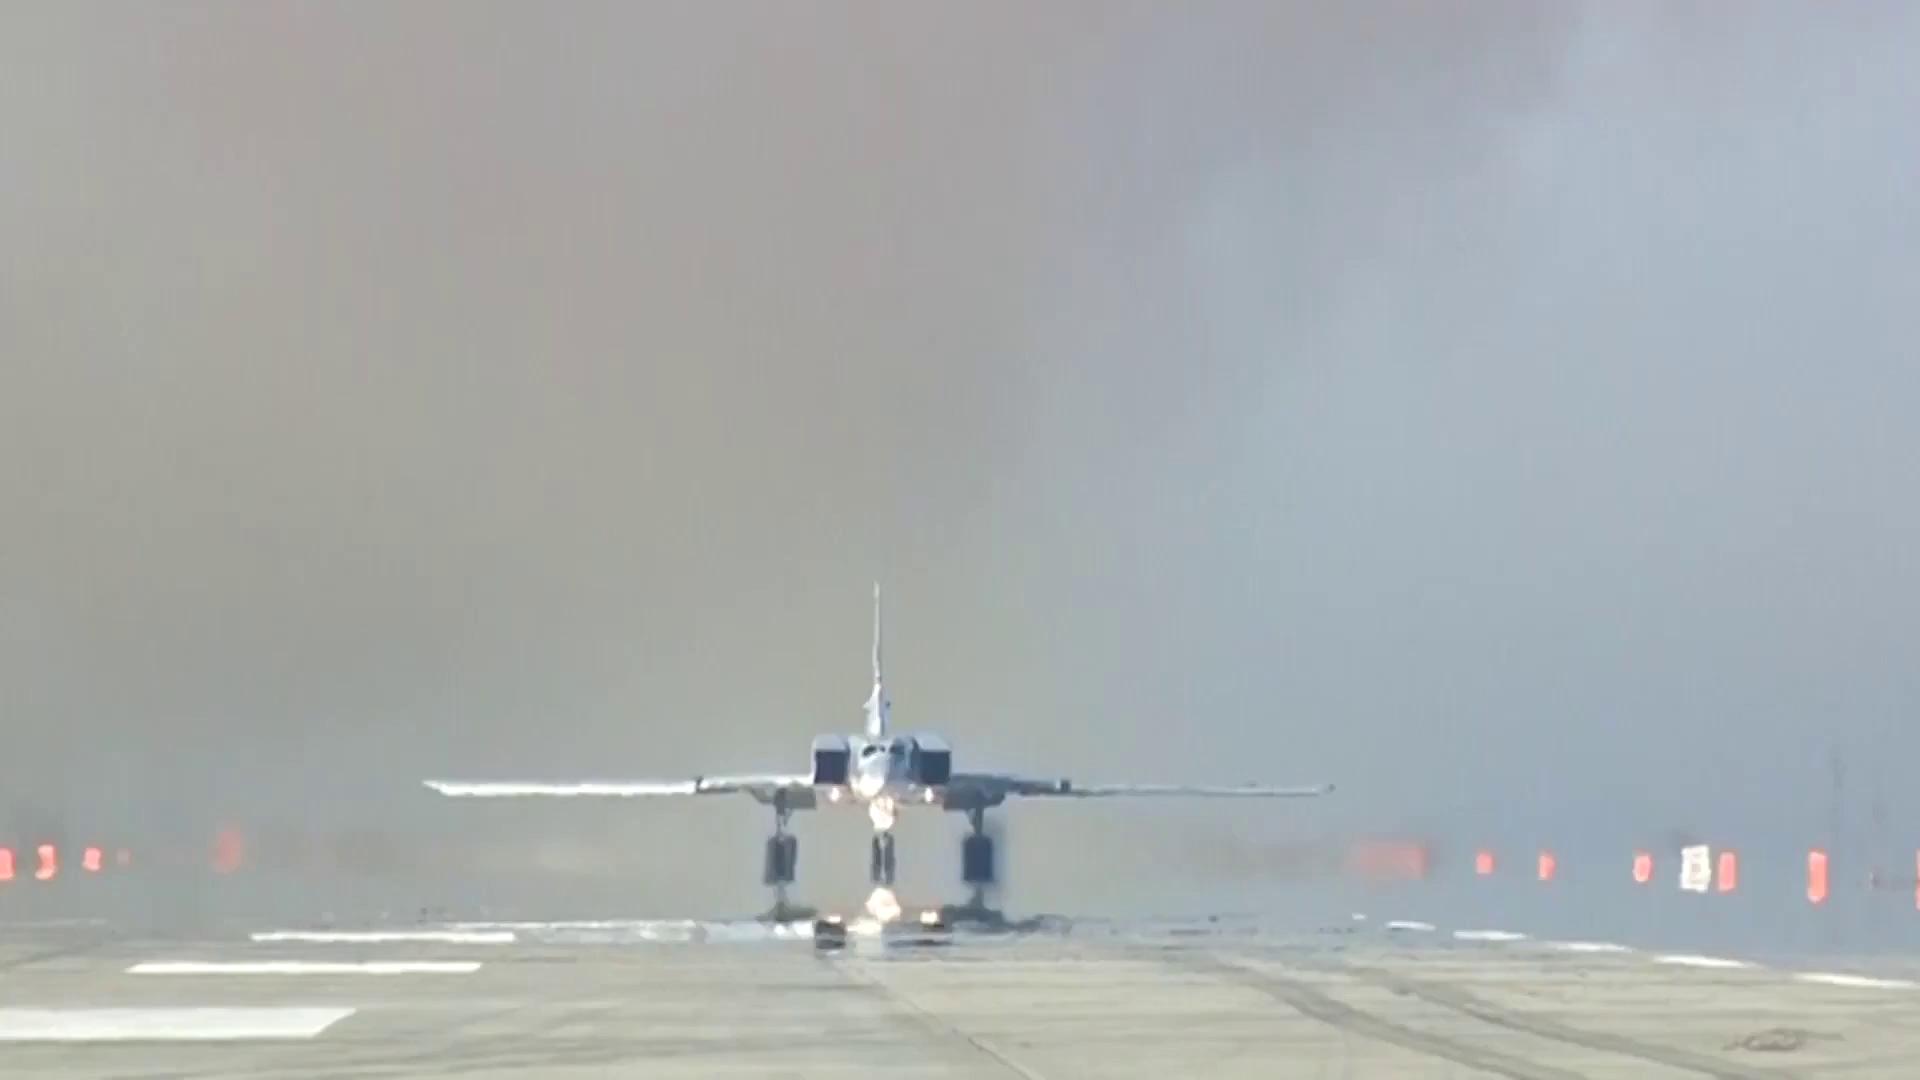 Không quân chiến lược Nga phối hợp với Hải quân tập kích đường không IS trên chiến trường Deir Ezzor